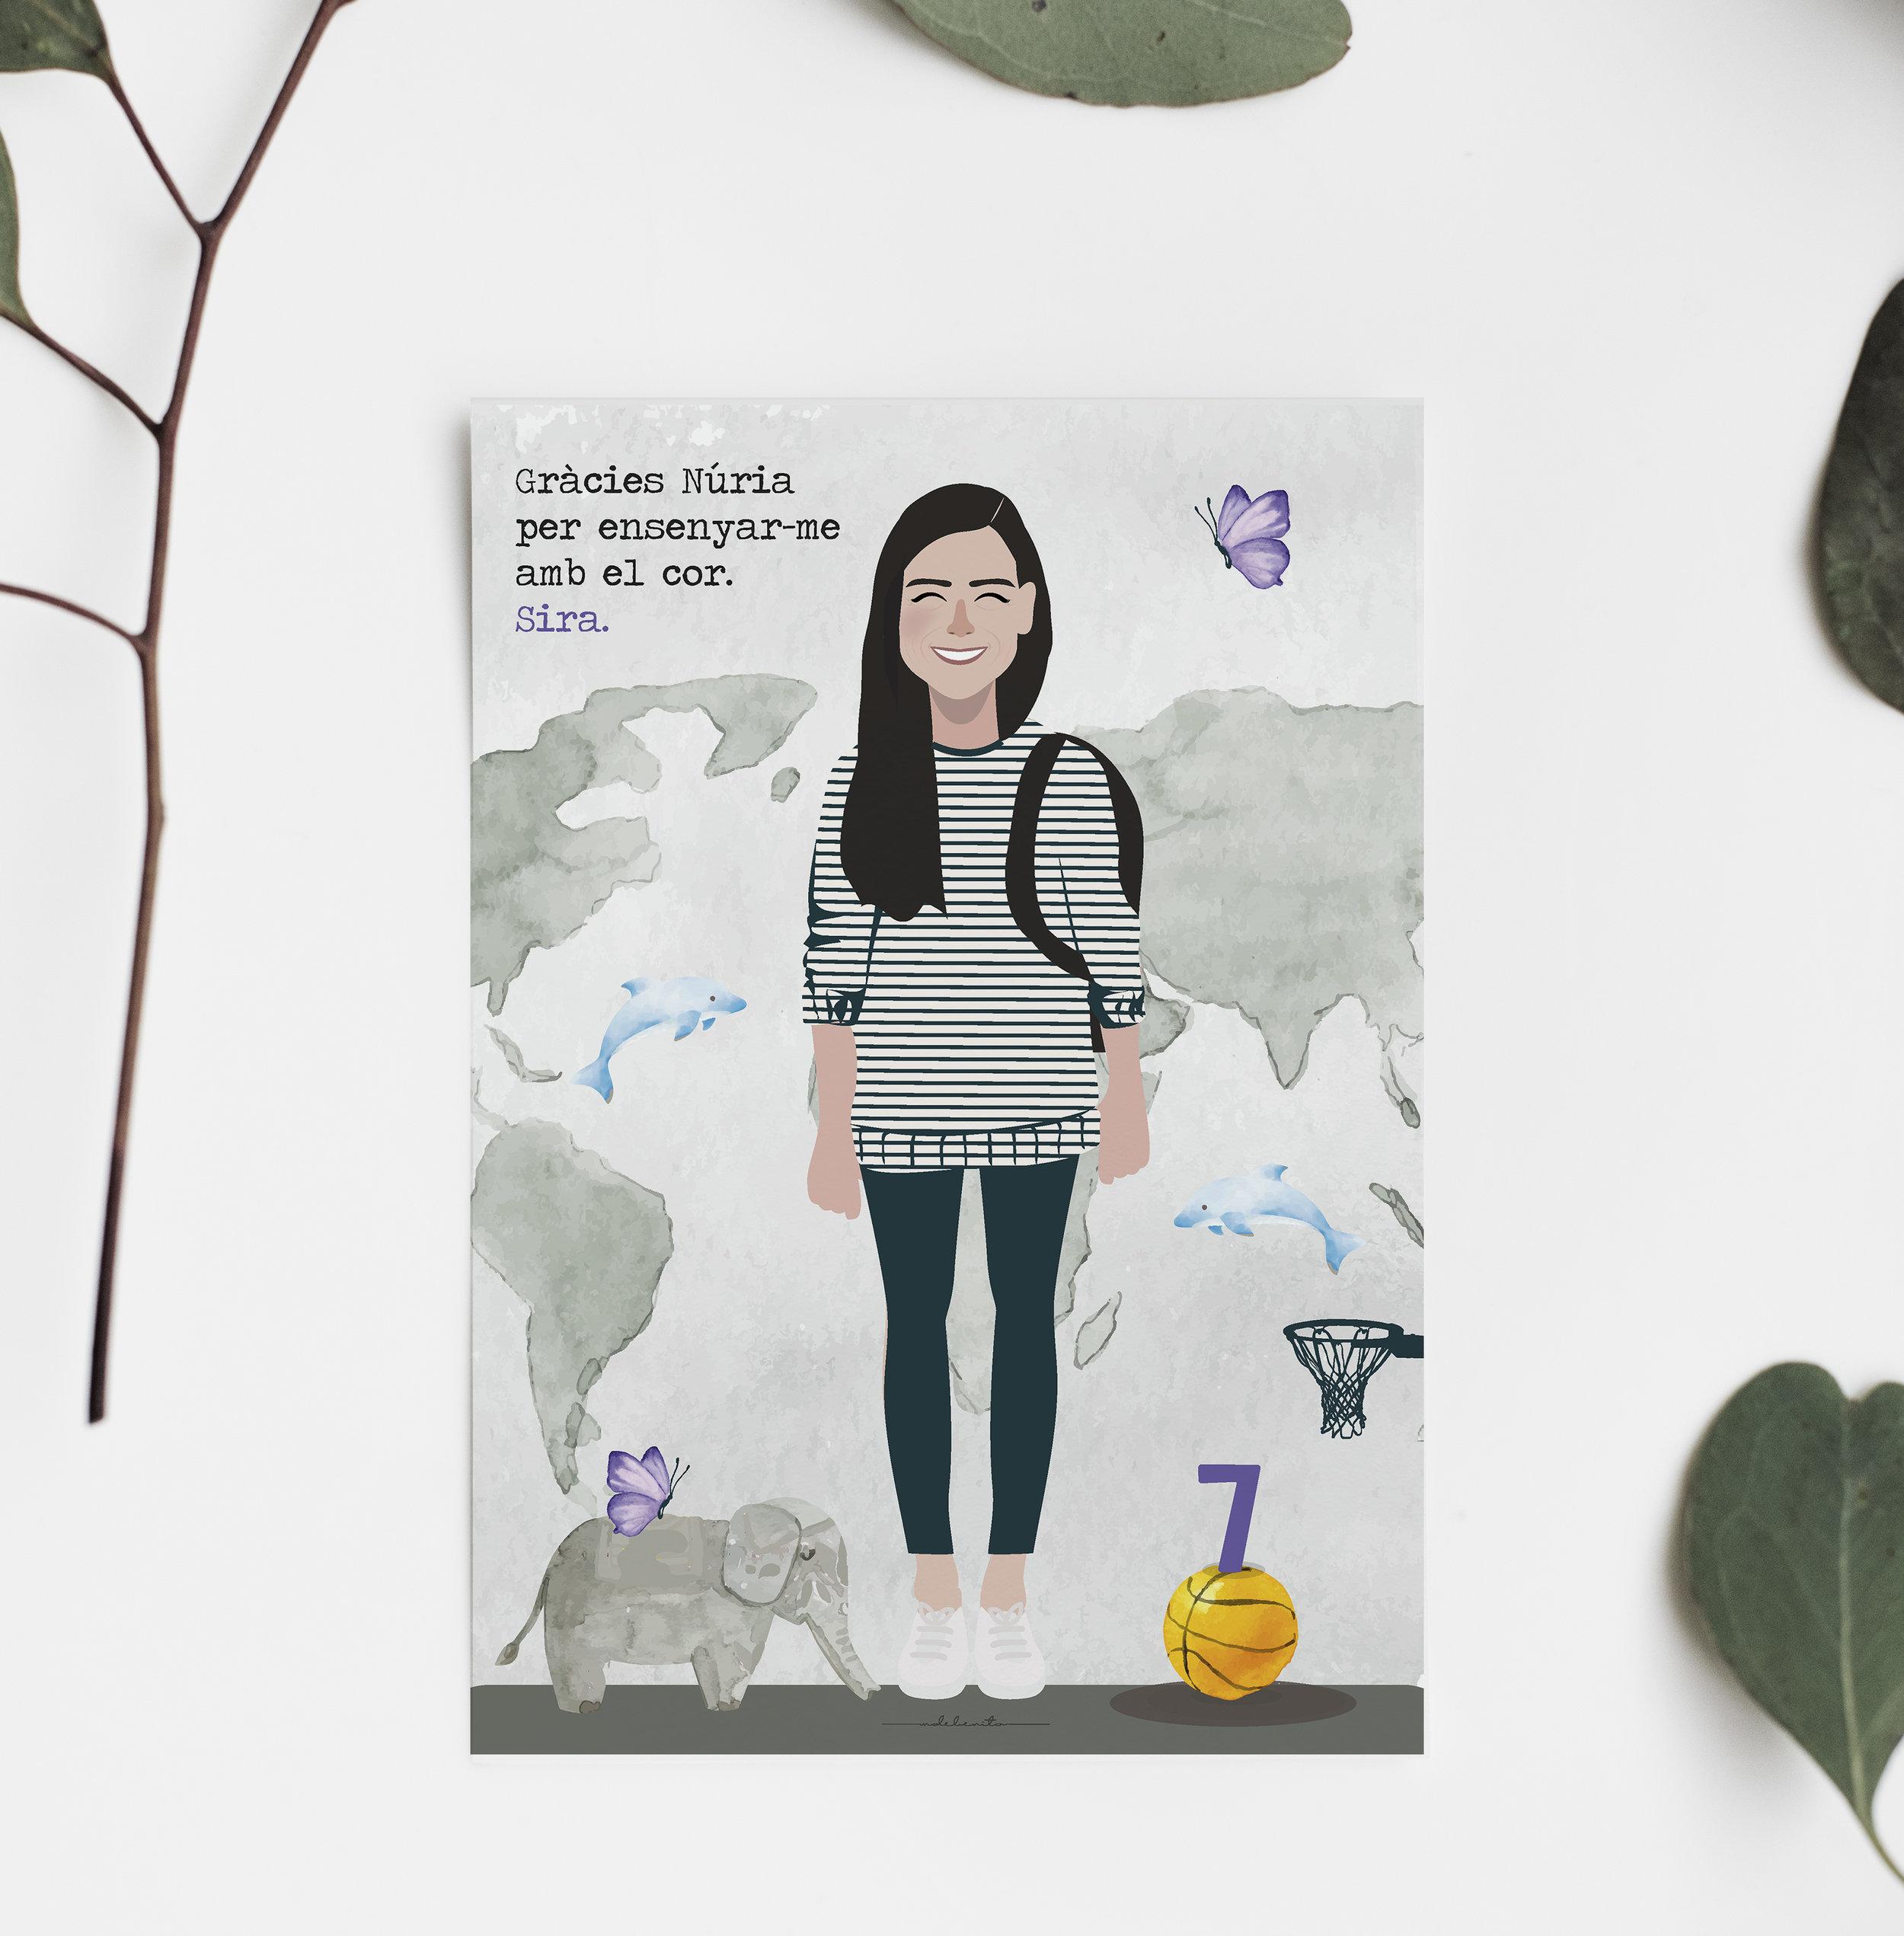 ilustracion-personalizada-mdebenito-profesora-regalo-personalizado-asturias-diseño-diseñografico.jpg